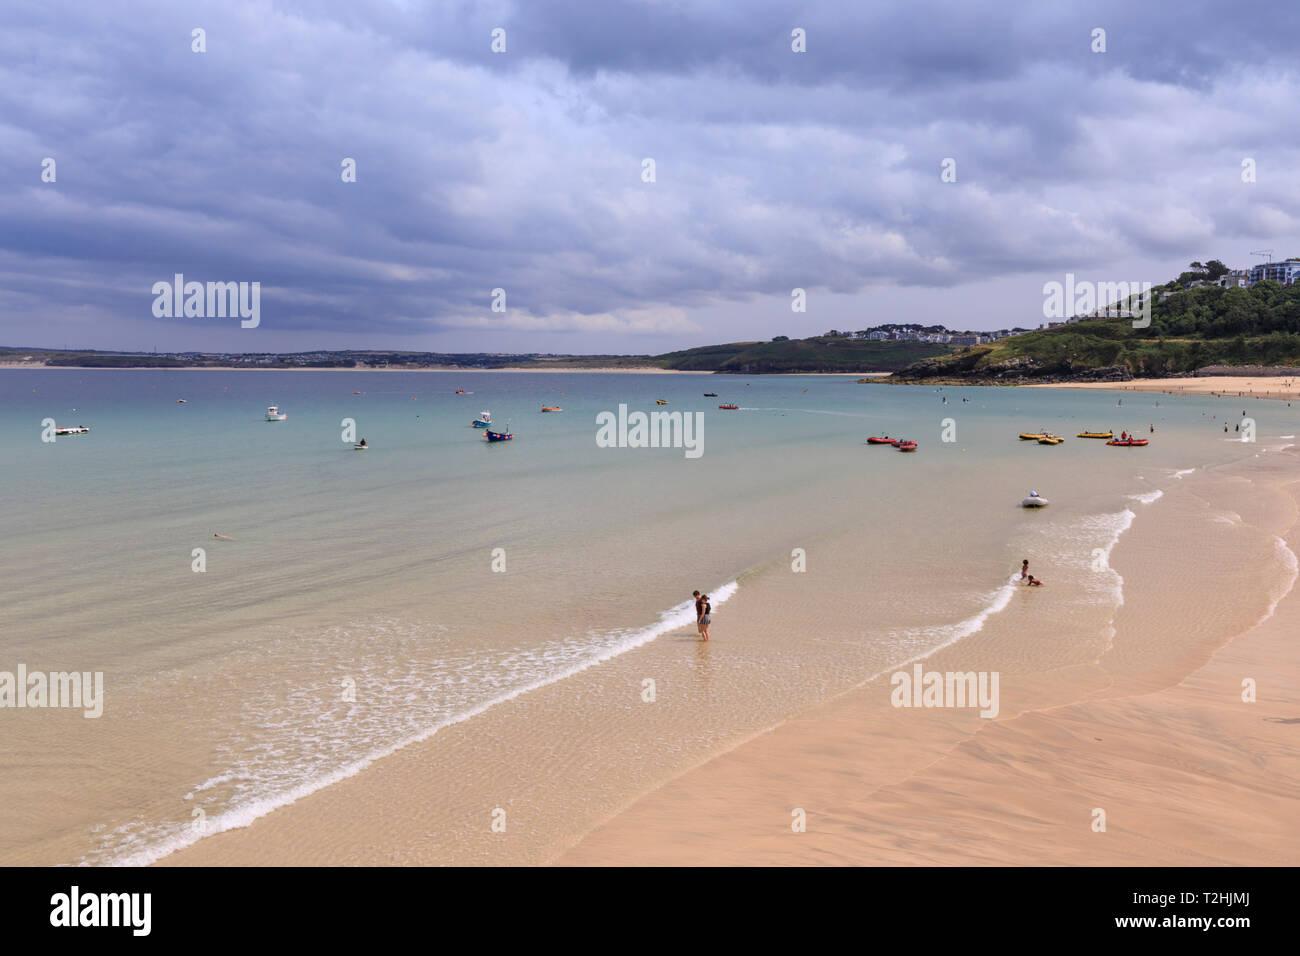 Playas de St Ives, popular balneario en clima caliente, Verano, Cornwall, Inglaterra, Reino Unido, Europa Imagen De Stock